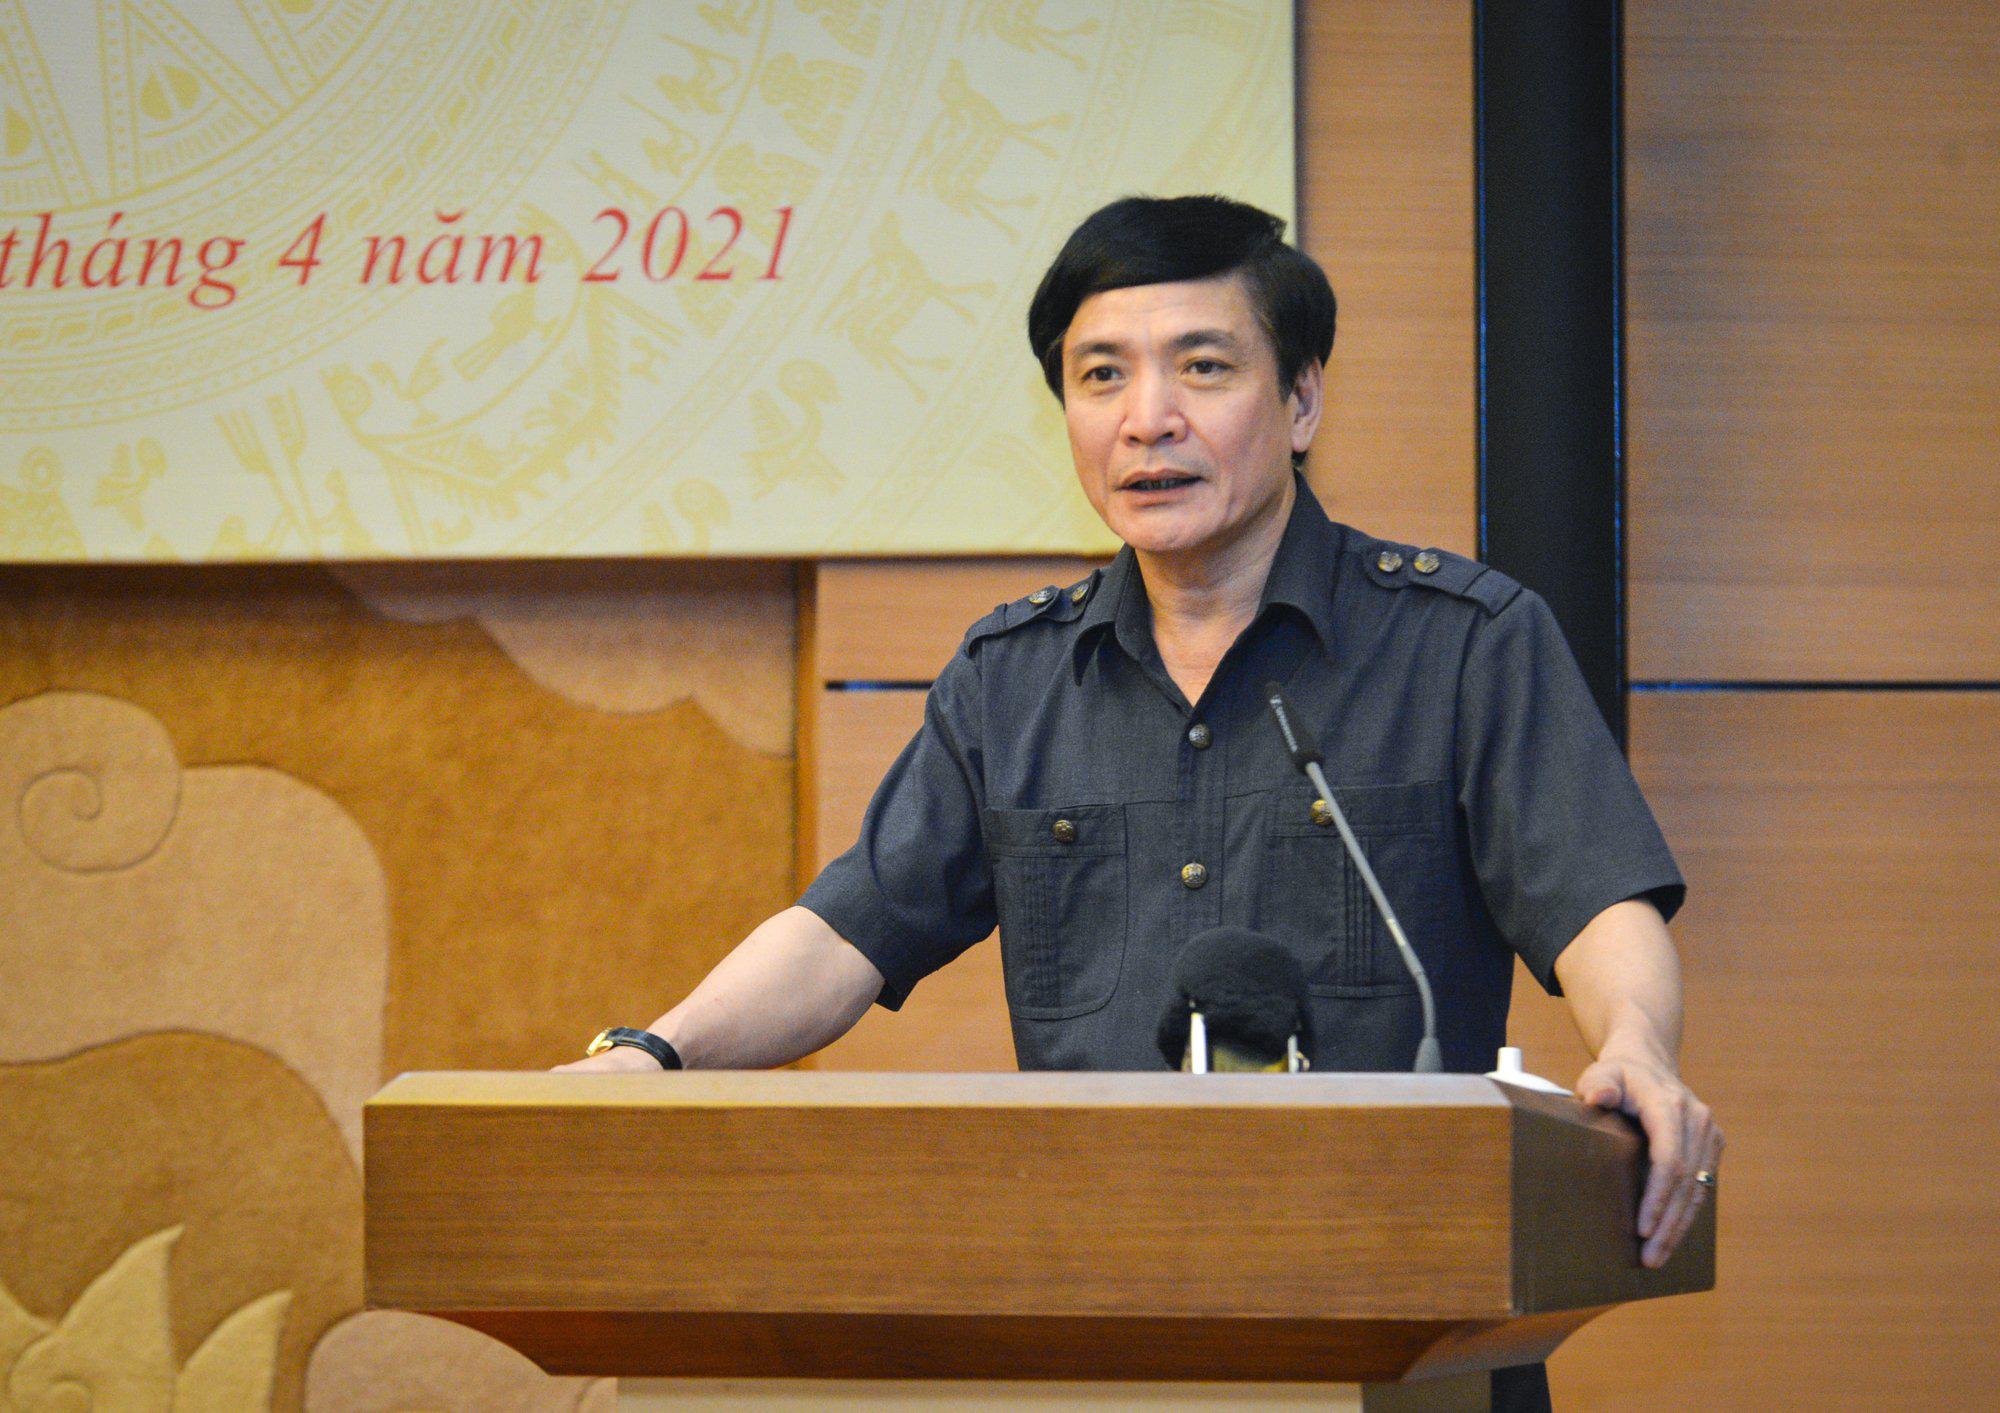 Ông Bùi Văn Cường được chỉ định chức vụ Đảng tại Văn phòng Quốc hội thay ông Trần Sỹ Thanh - Ảnh 1.